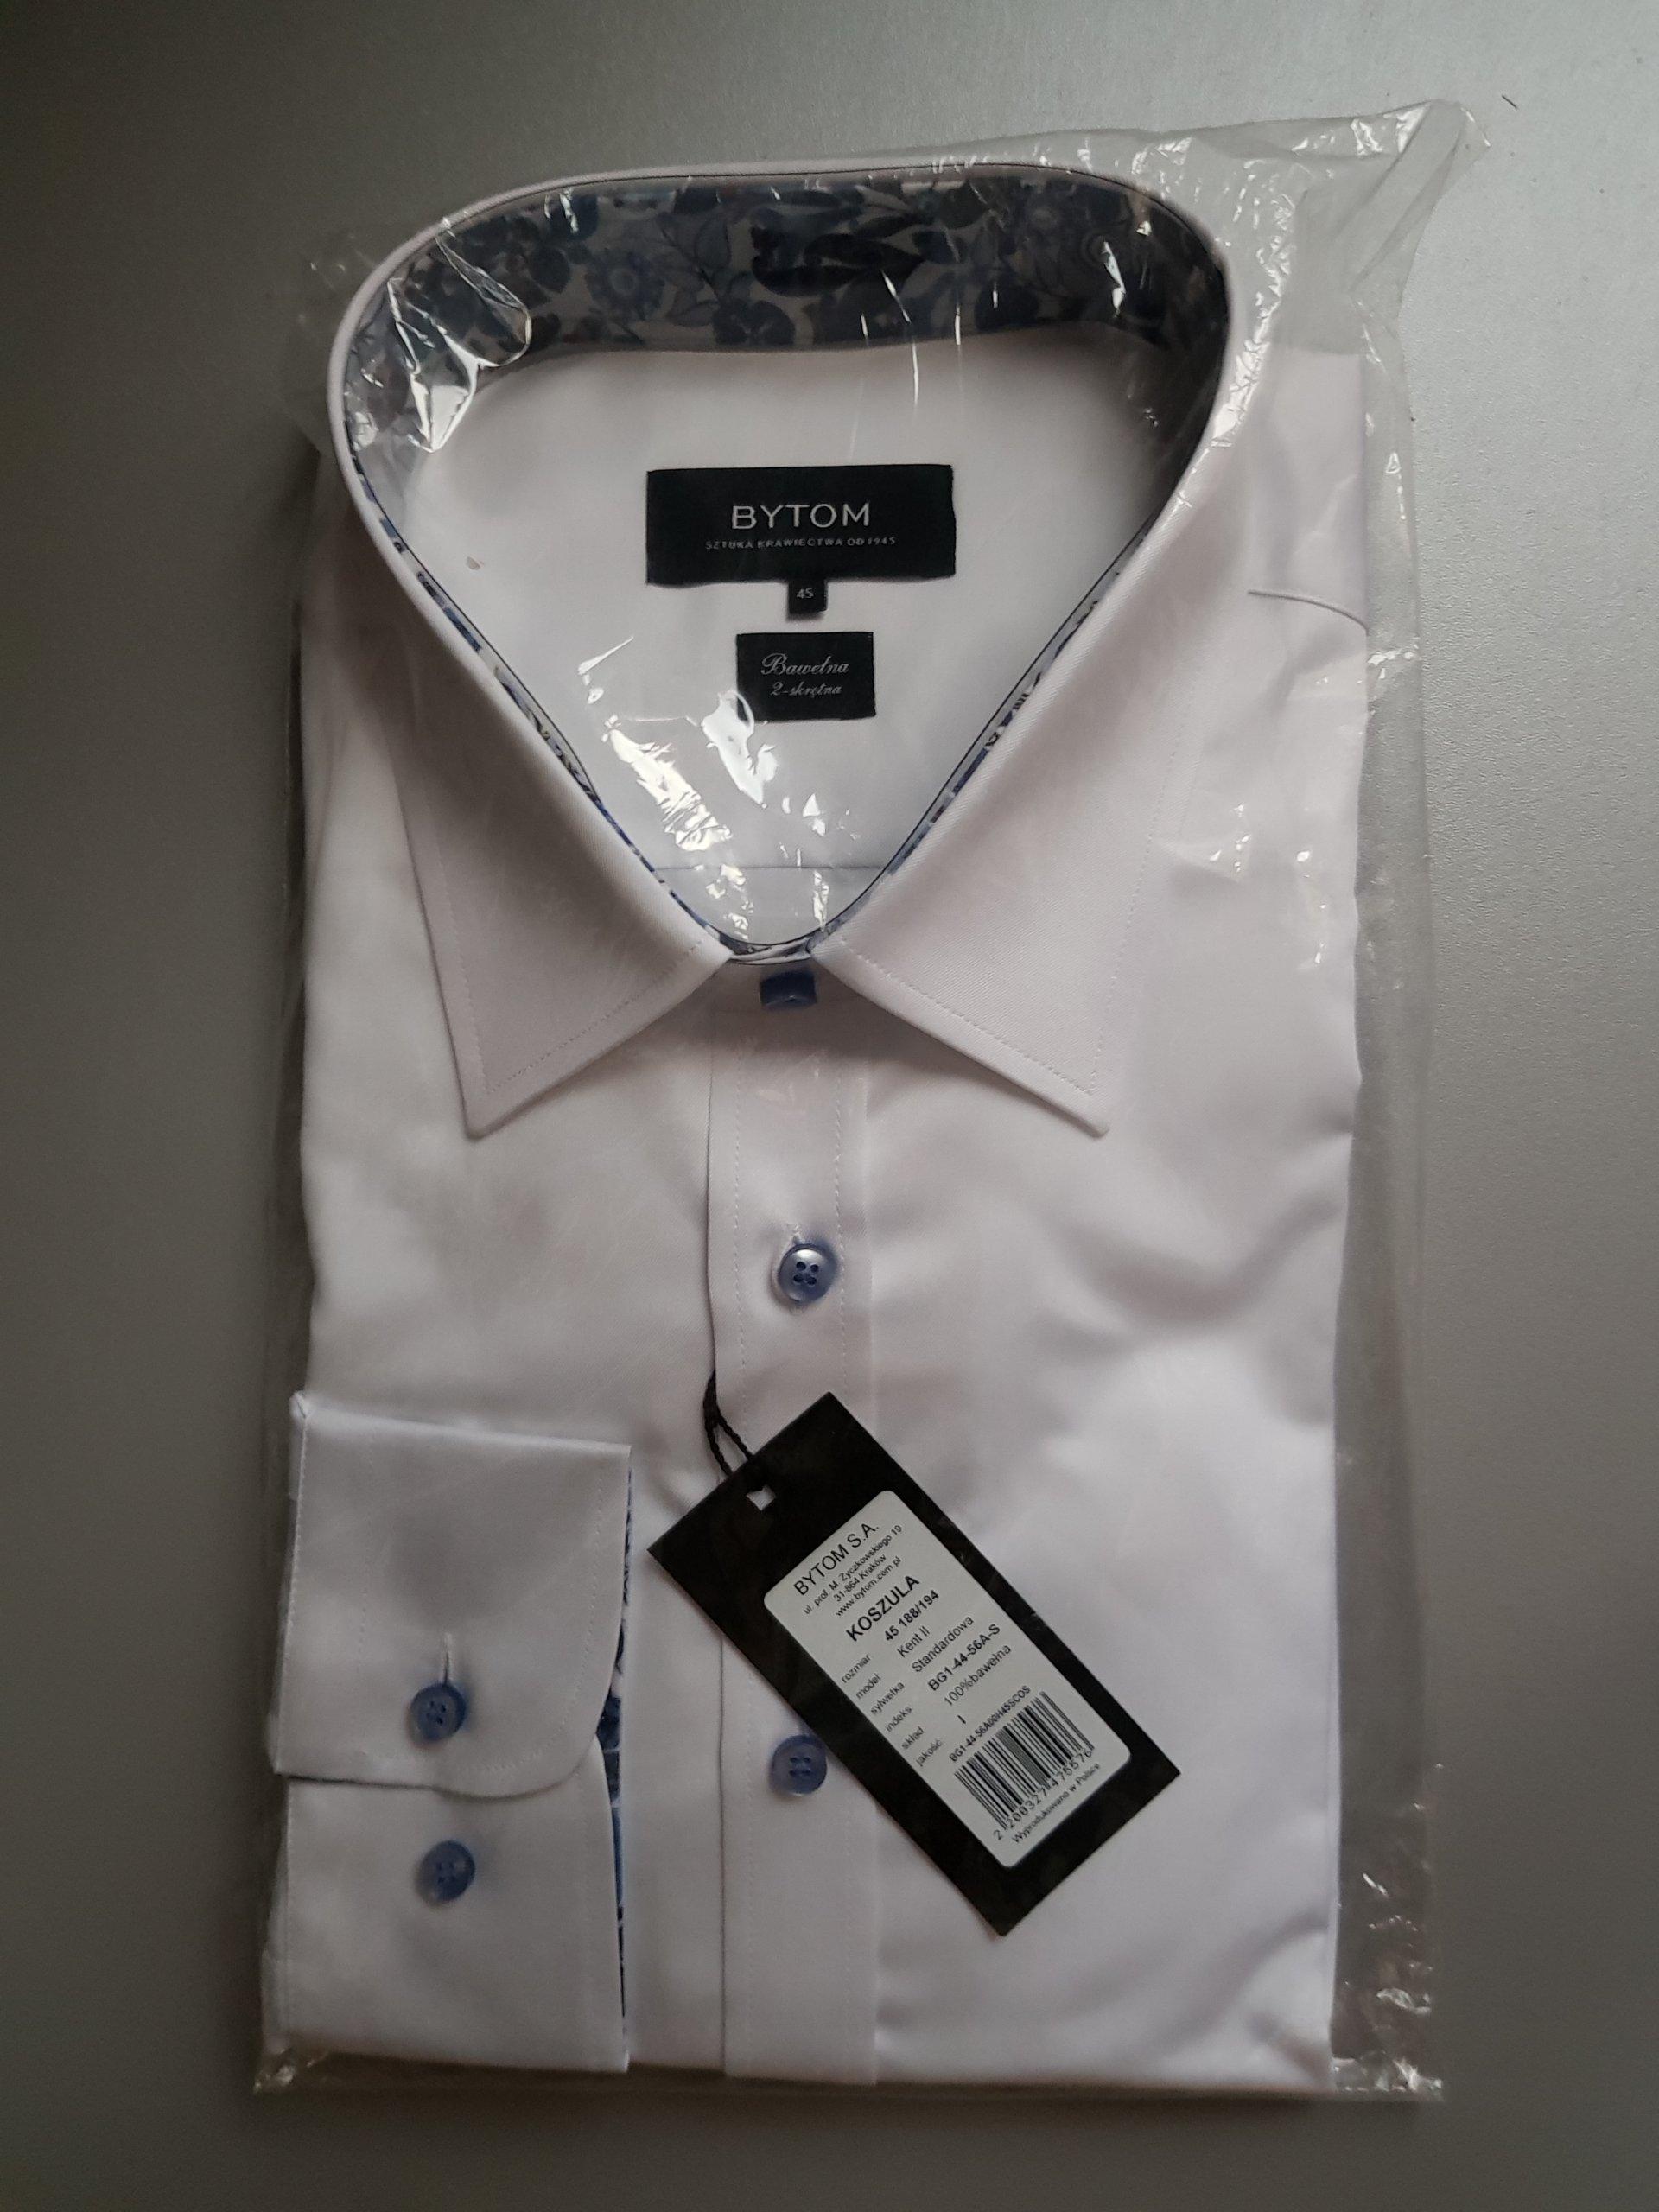 5a1240f2bdbb1 Koszule Bytom w Oficjalnym Archiwum Allegro - Strona 4 - archiwum ofert